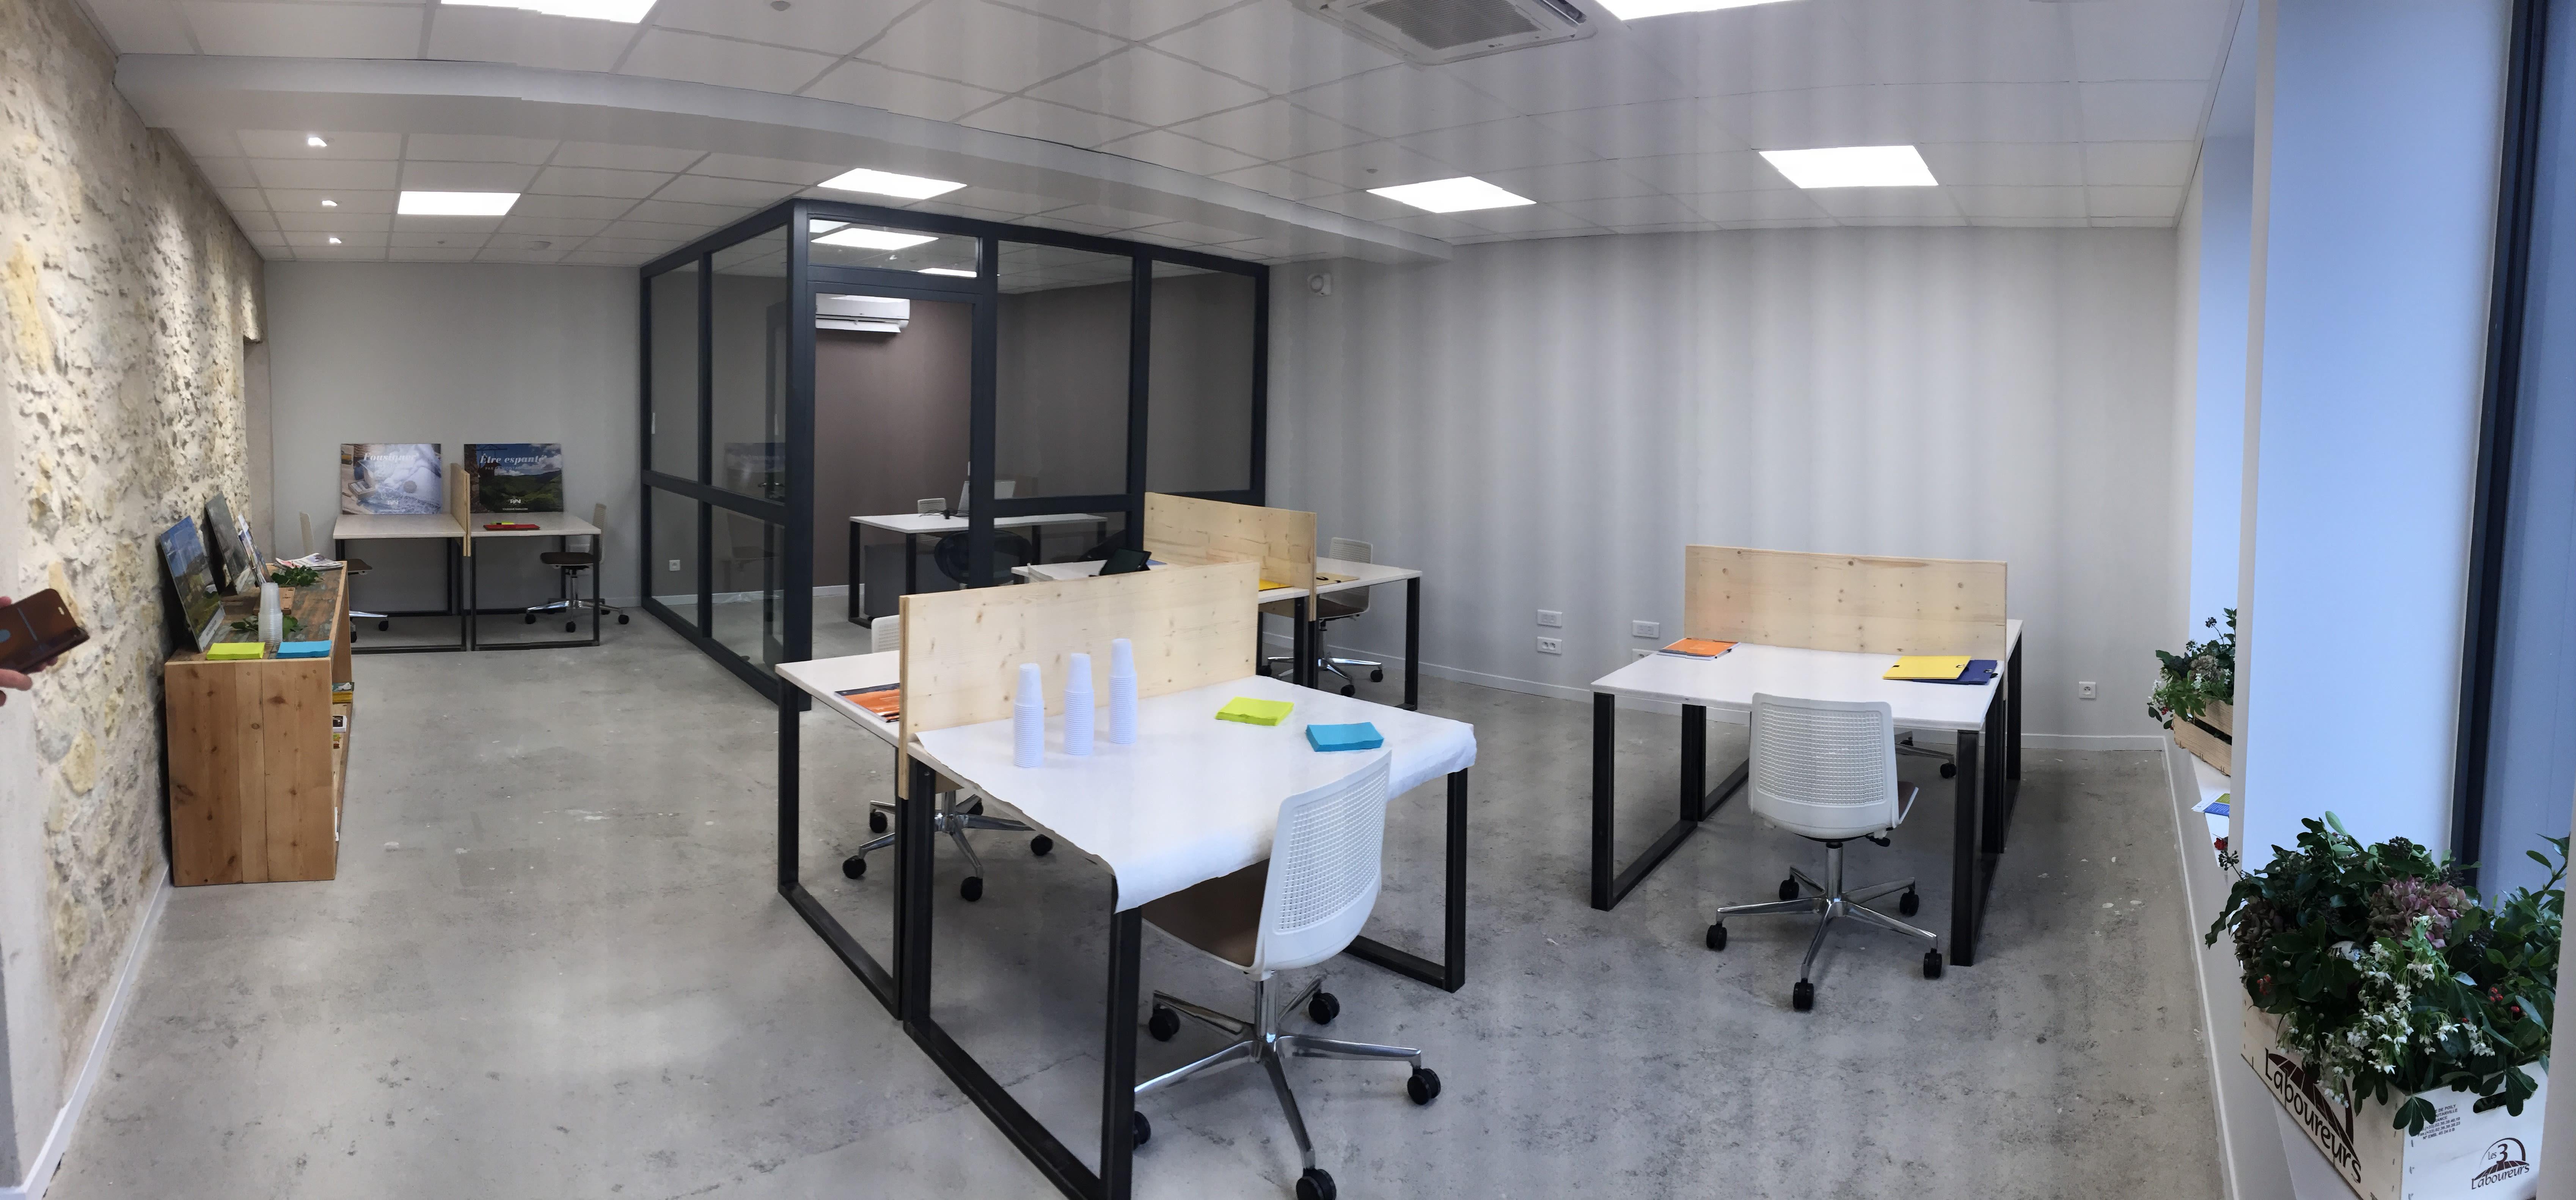 espace partagé d'une capacité de 8 personnes à Cuq-Toulza